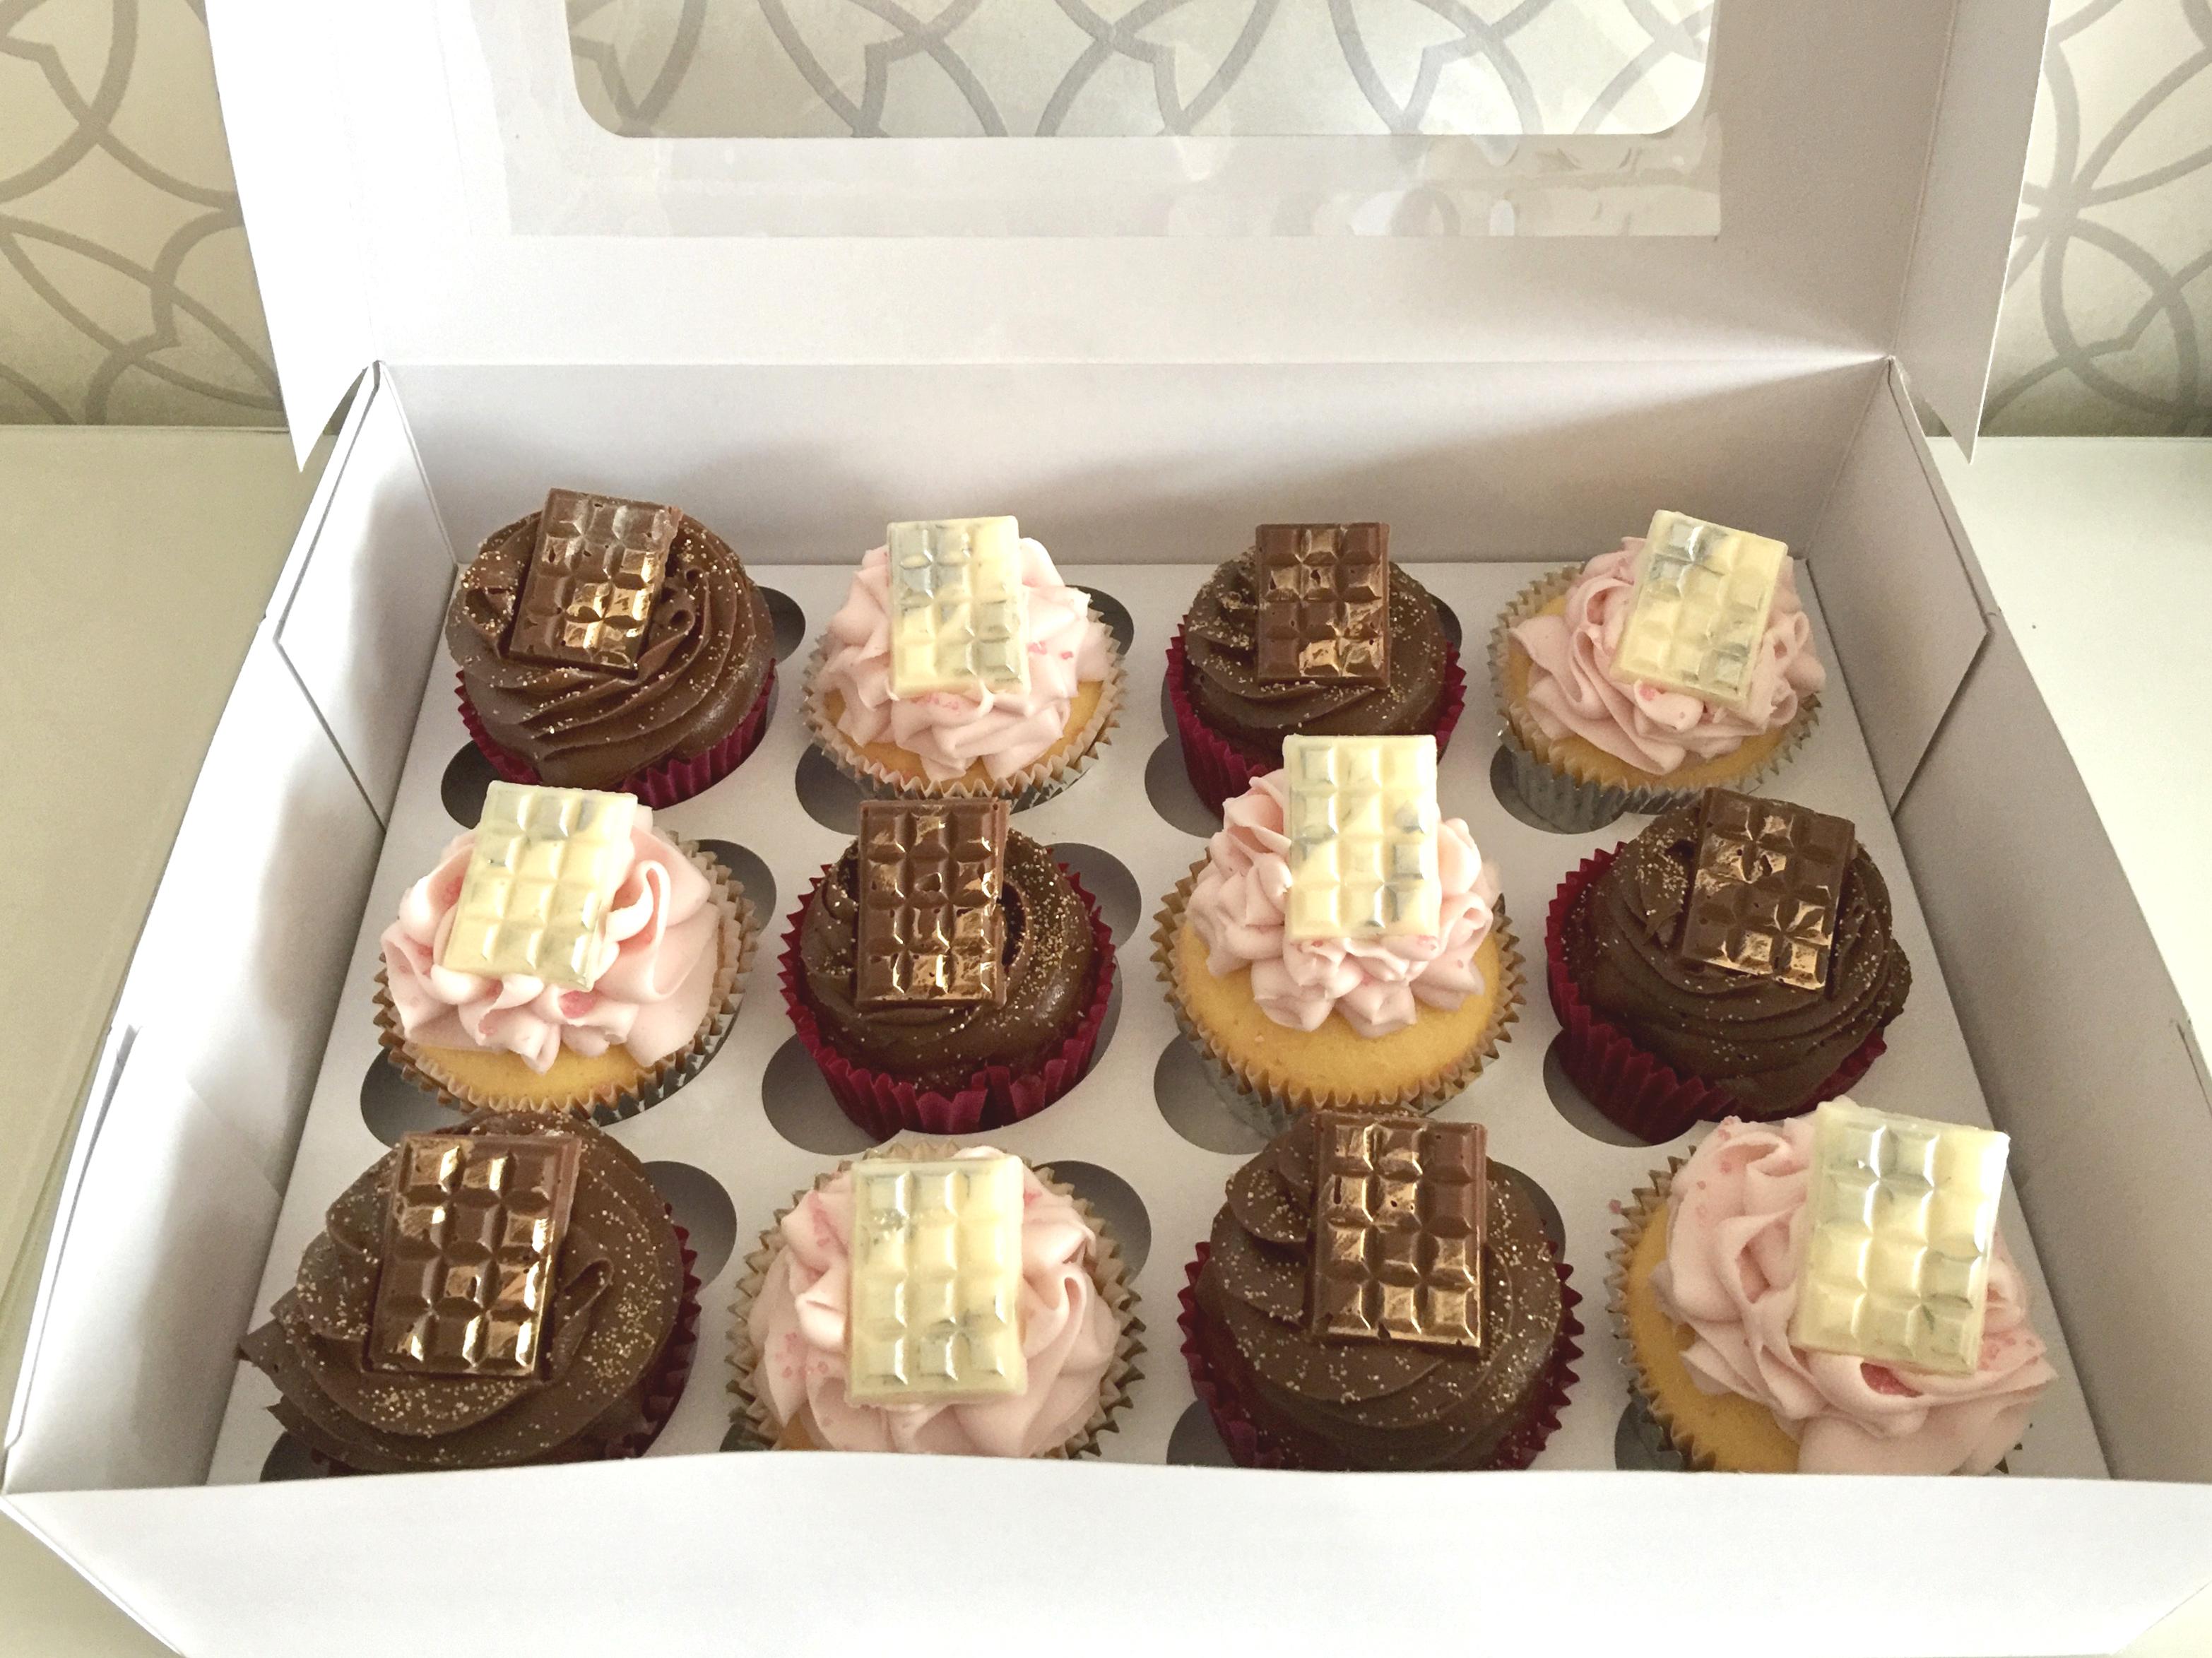 Choc Block Cupcakes